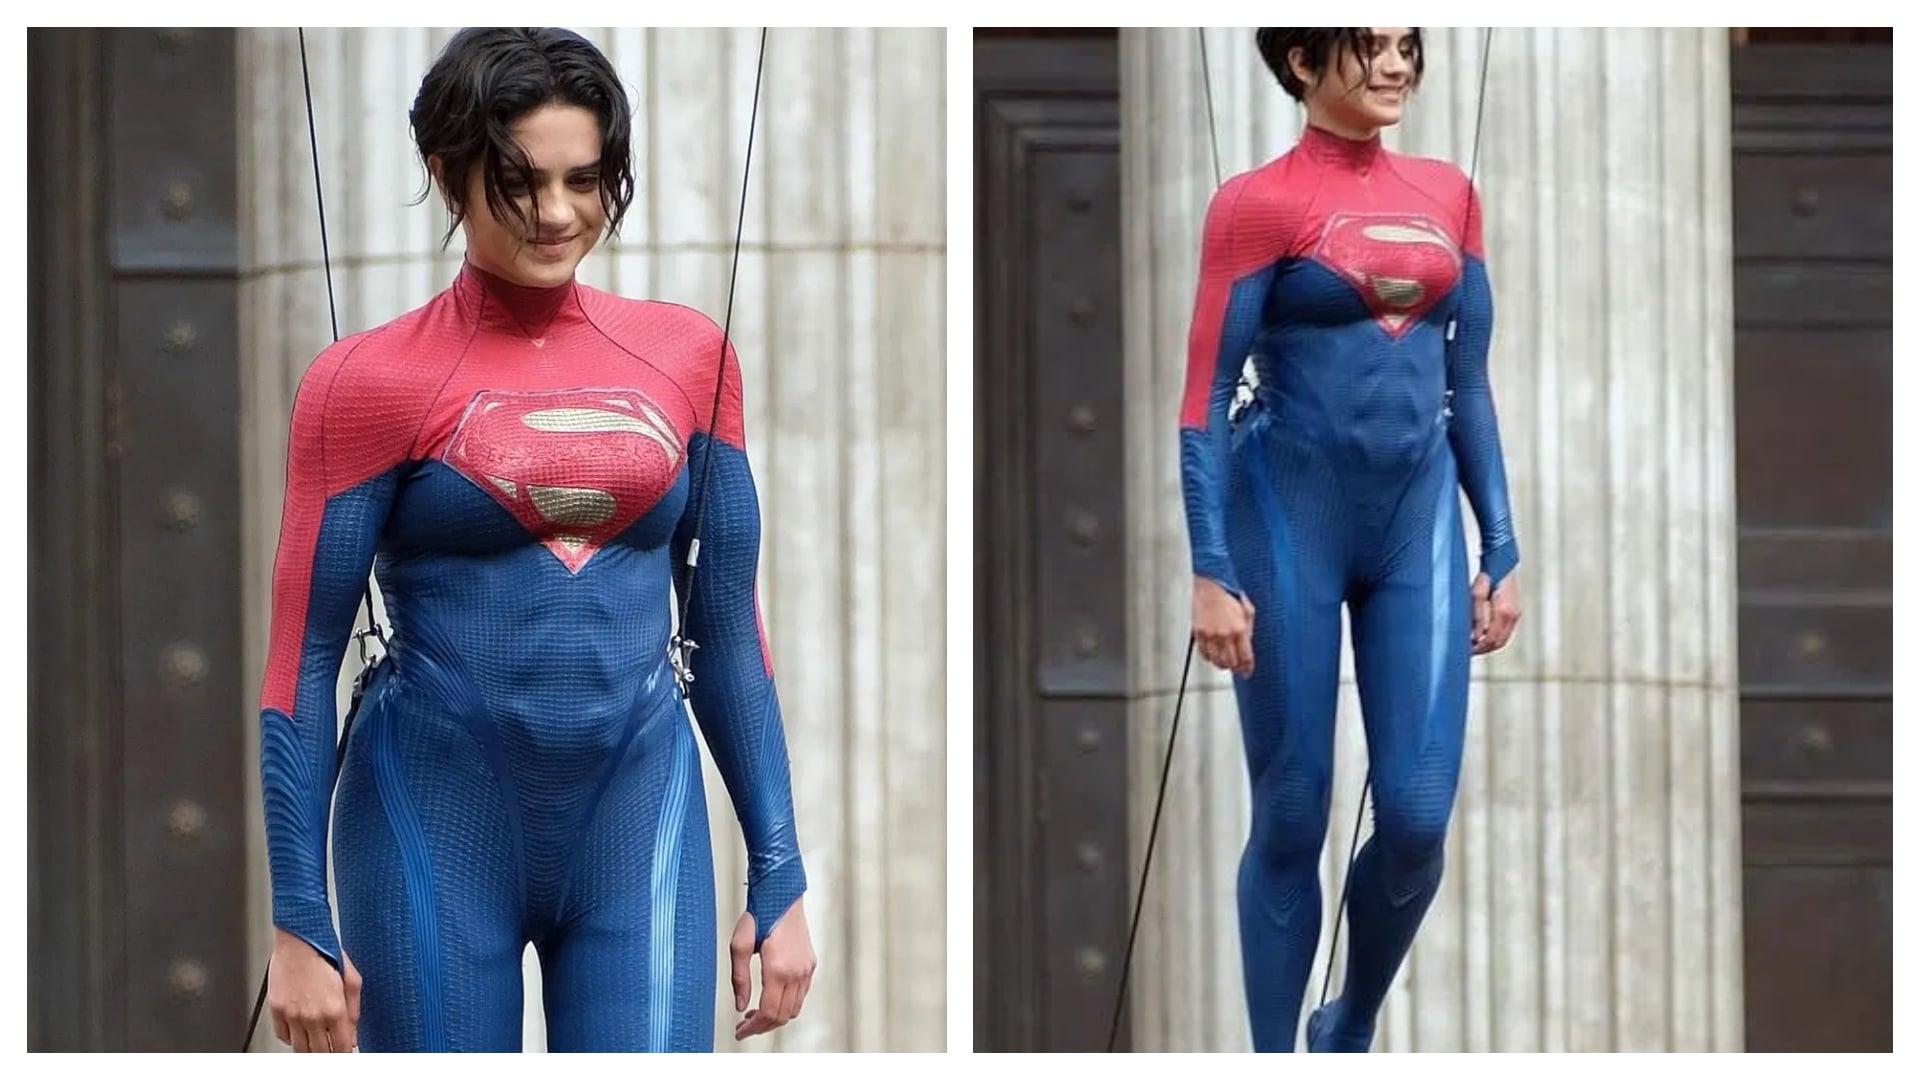 Primer vistazo a Sasha Calle como Super Girl de la película The Flash